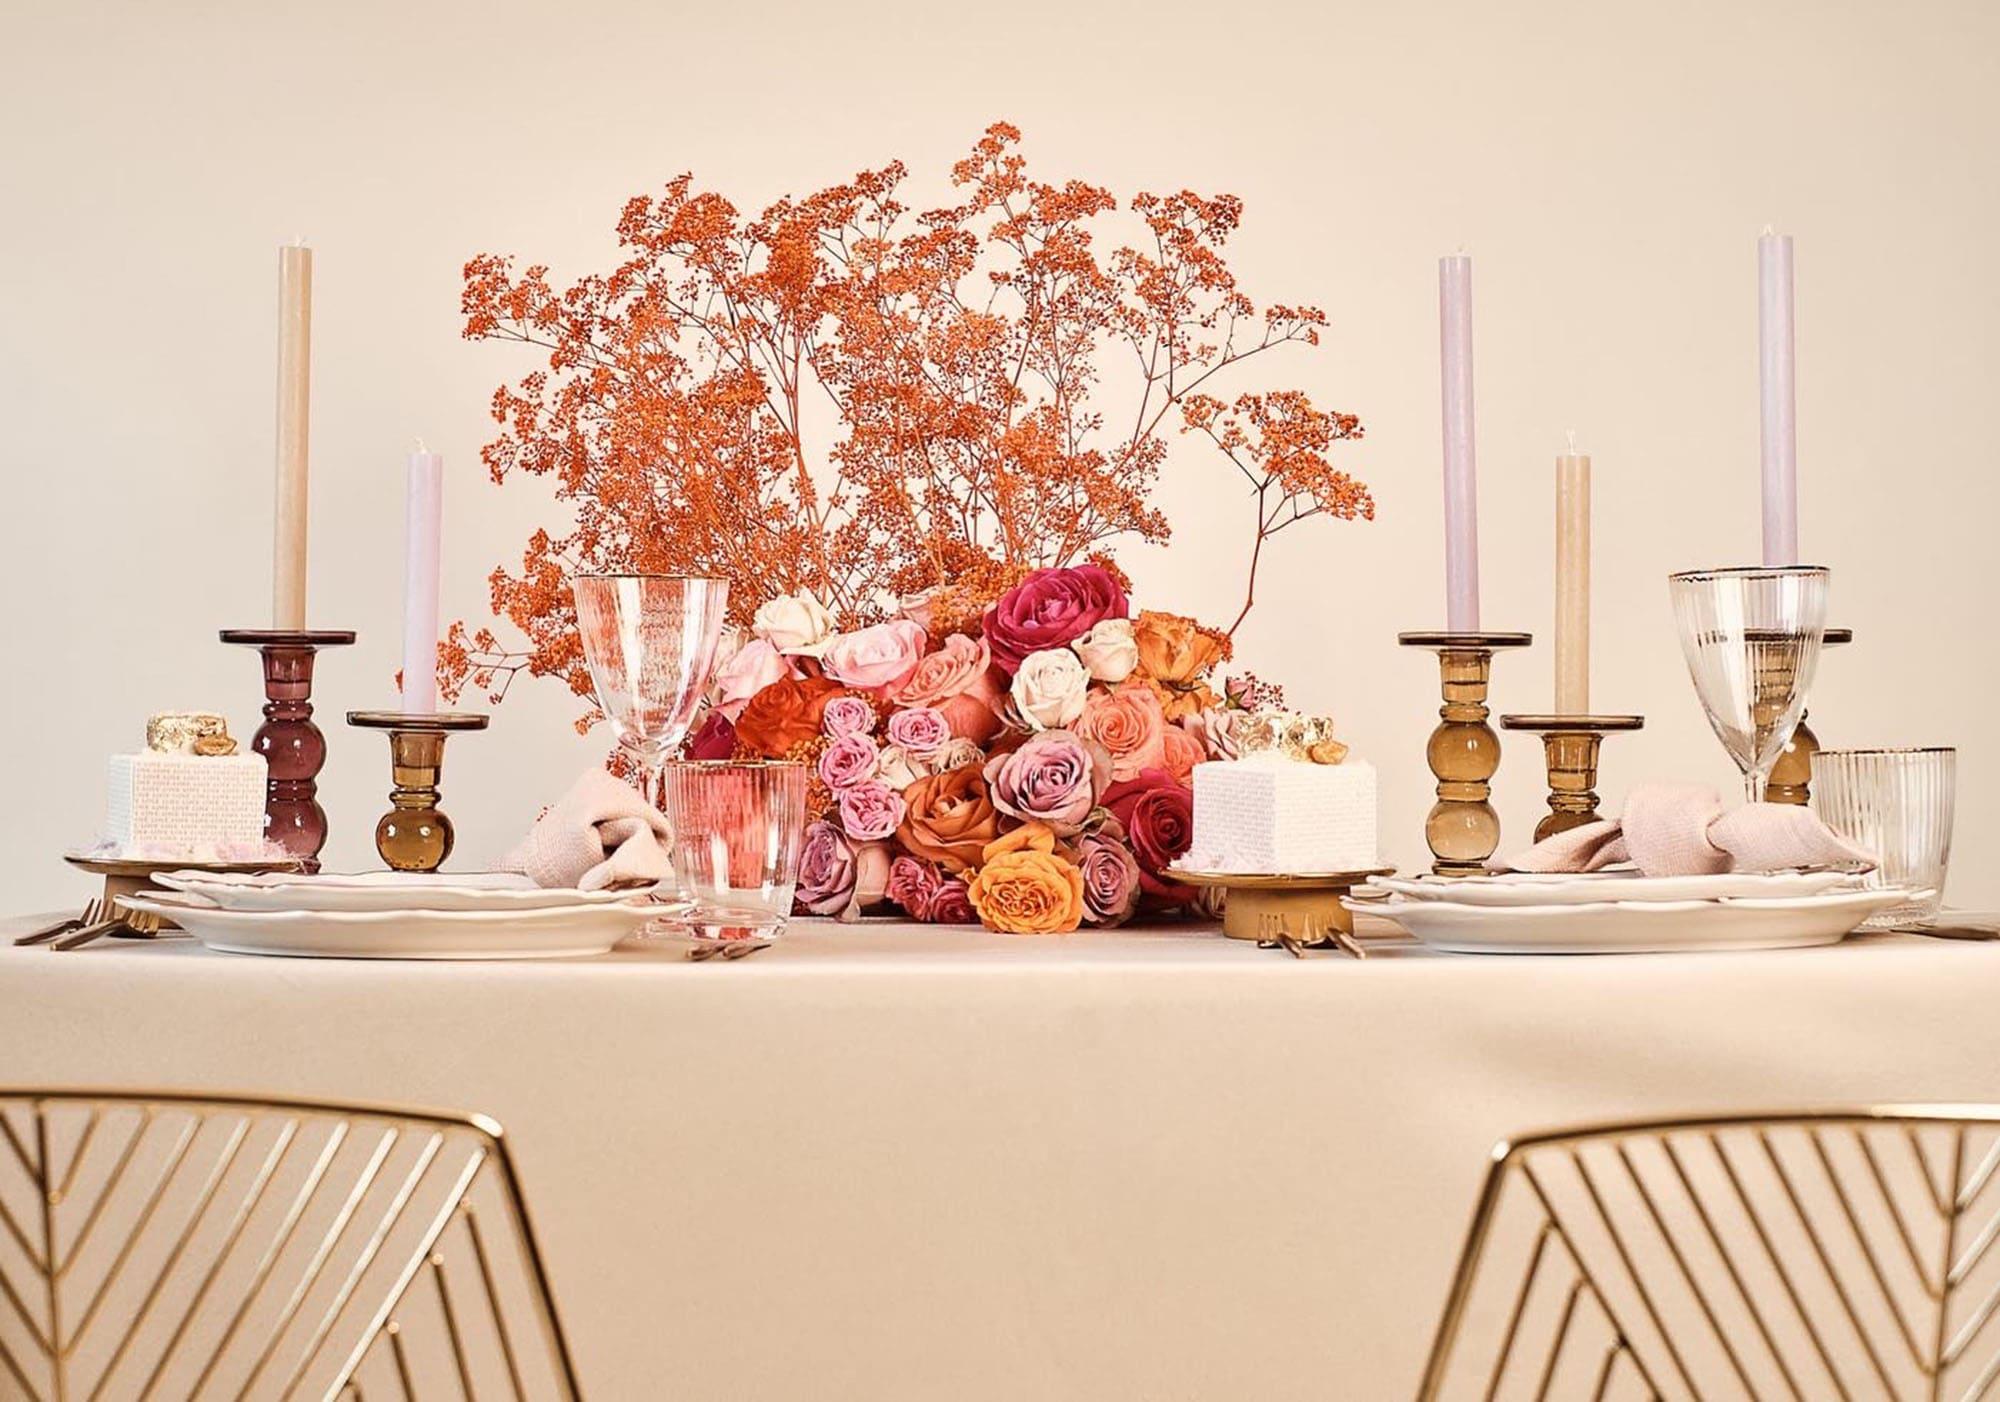 Tischdeko mit Kerzen und Rosenstrauß in Gold- und Rottönen